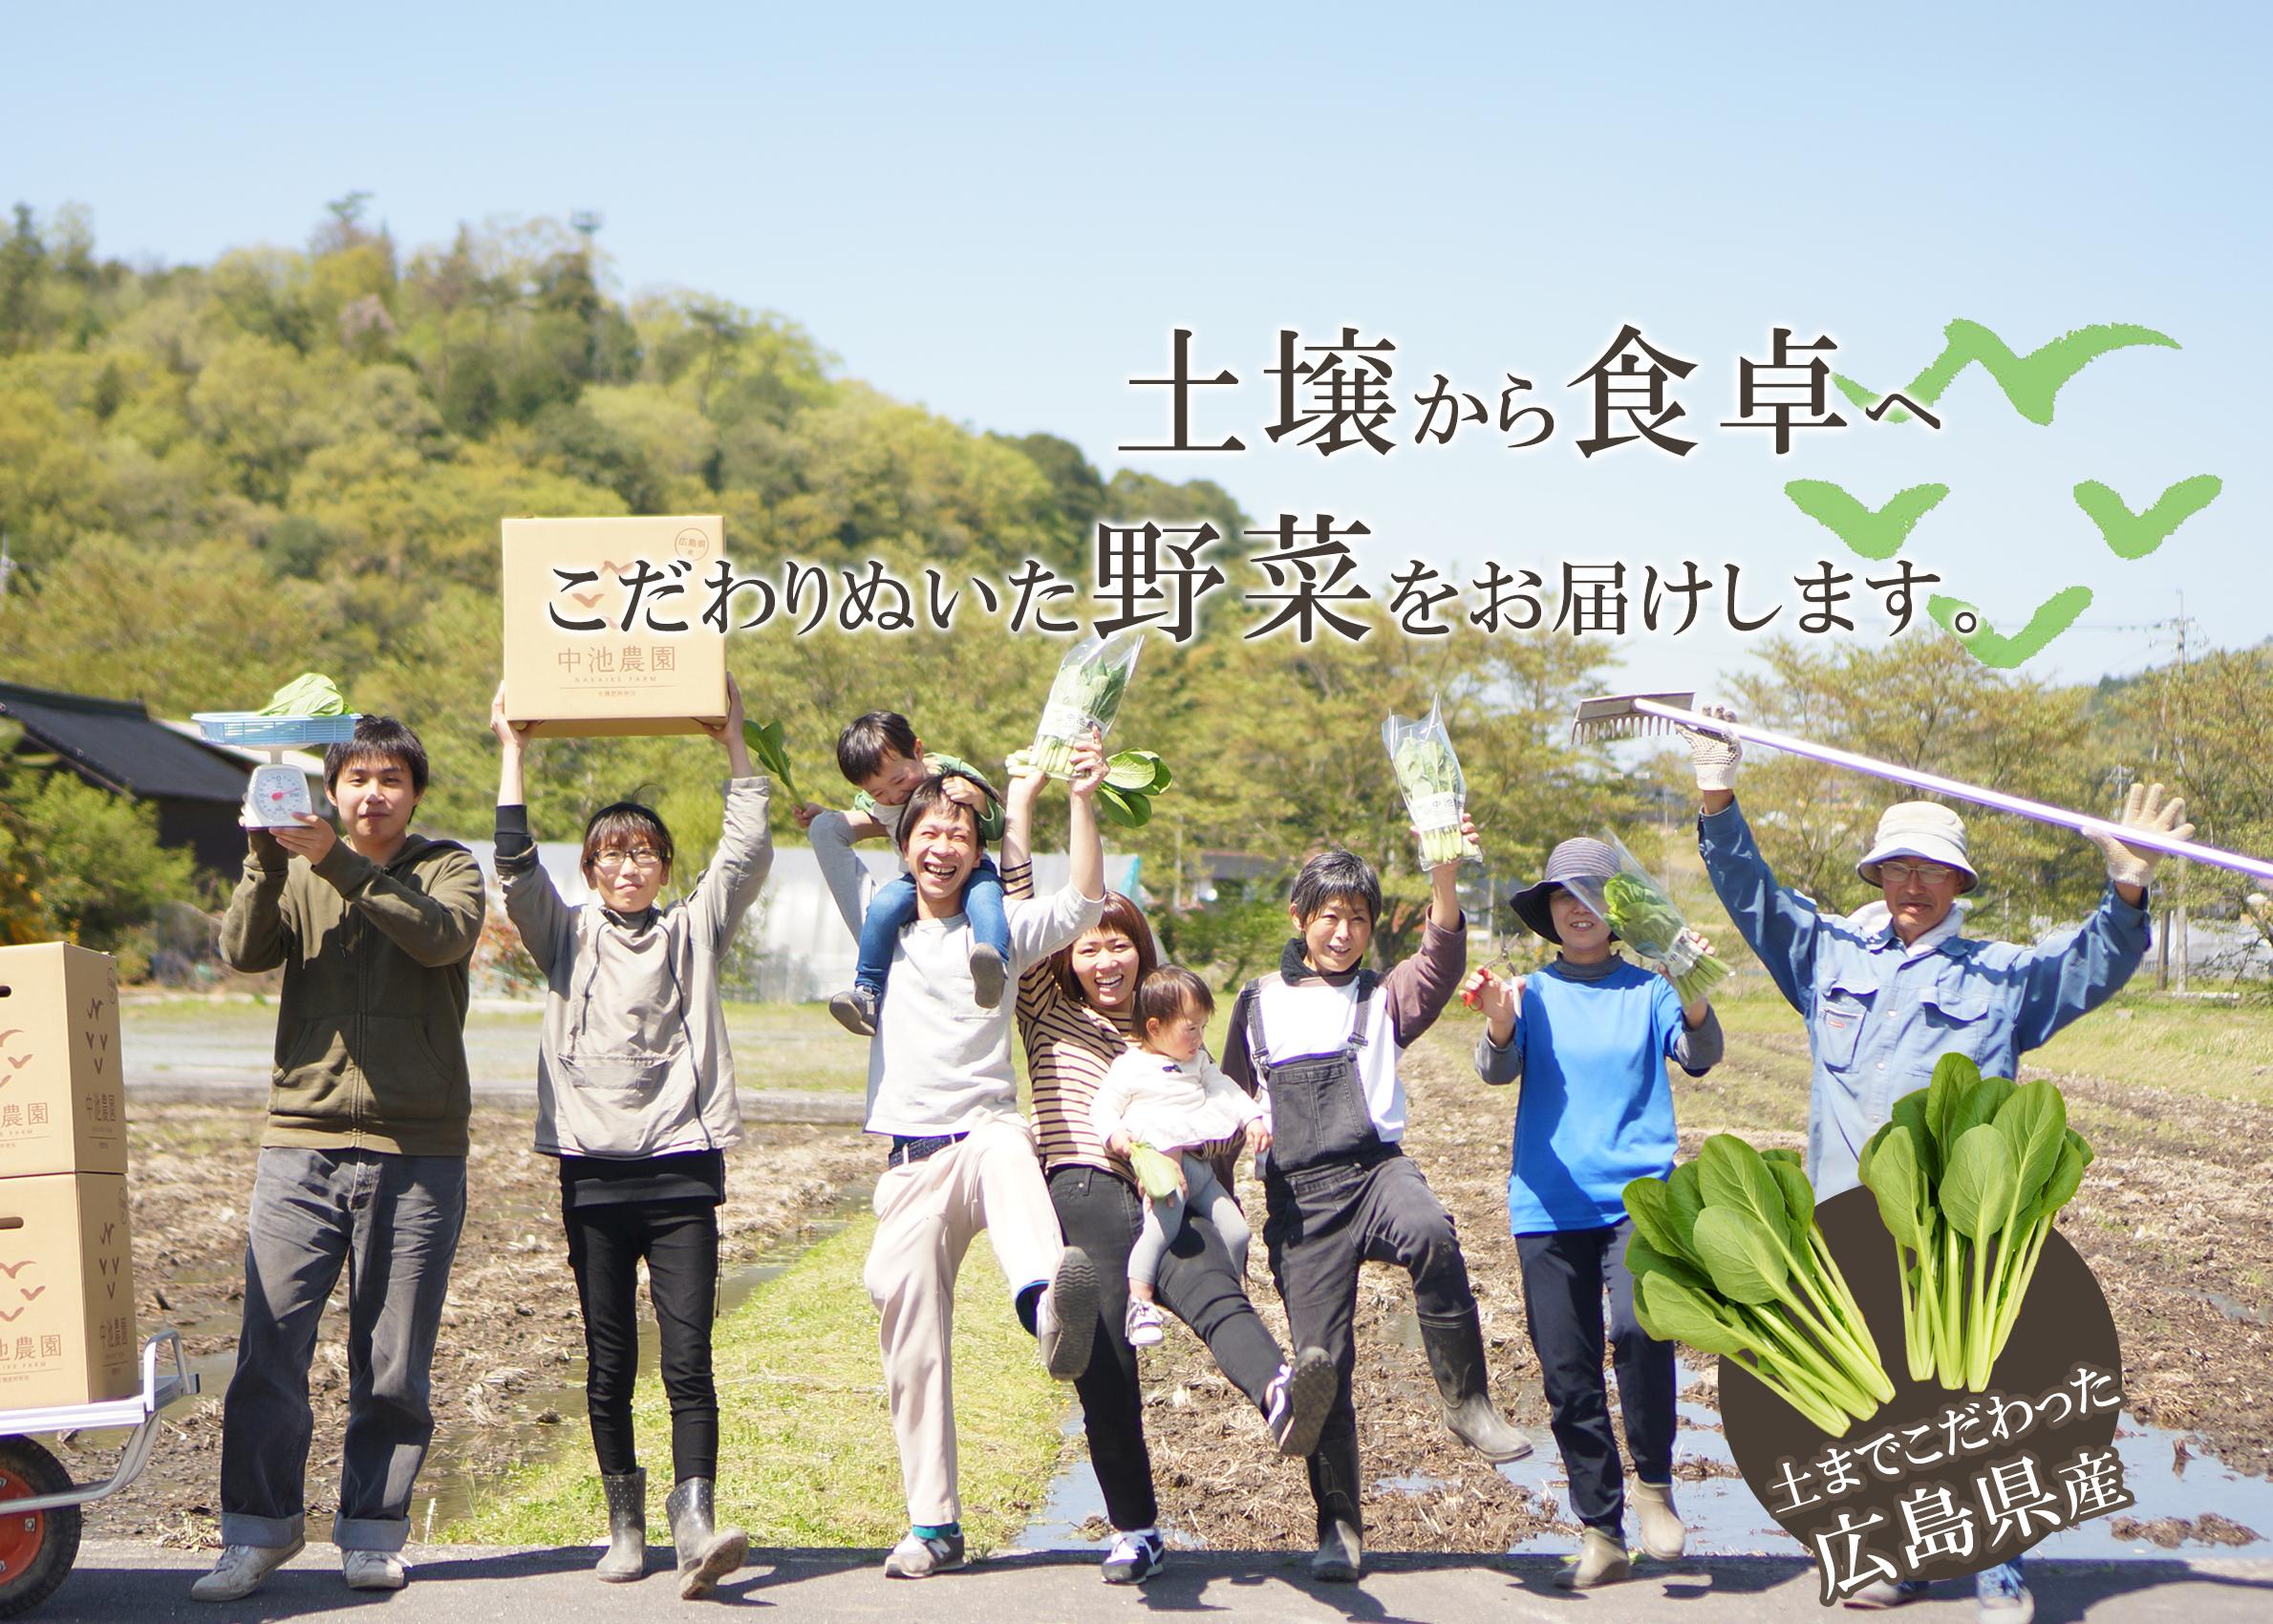 広島市・安芸高田市で小松菜・春菊・ほうれん草を生産する農家です。